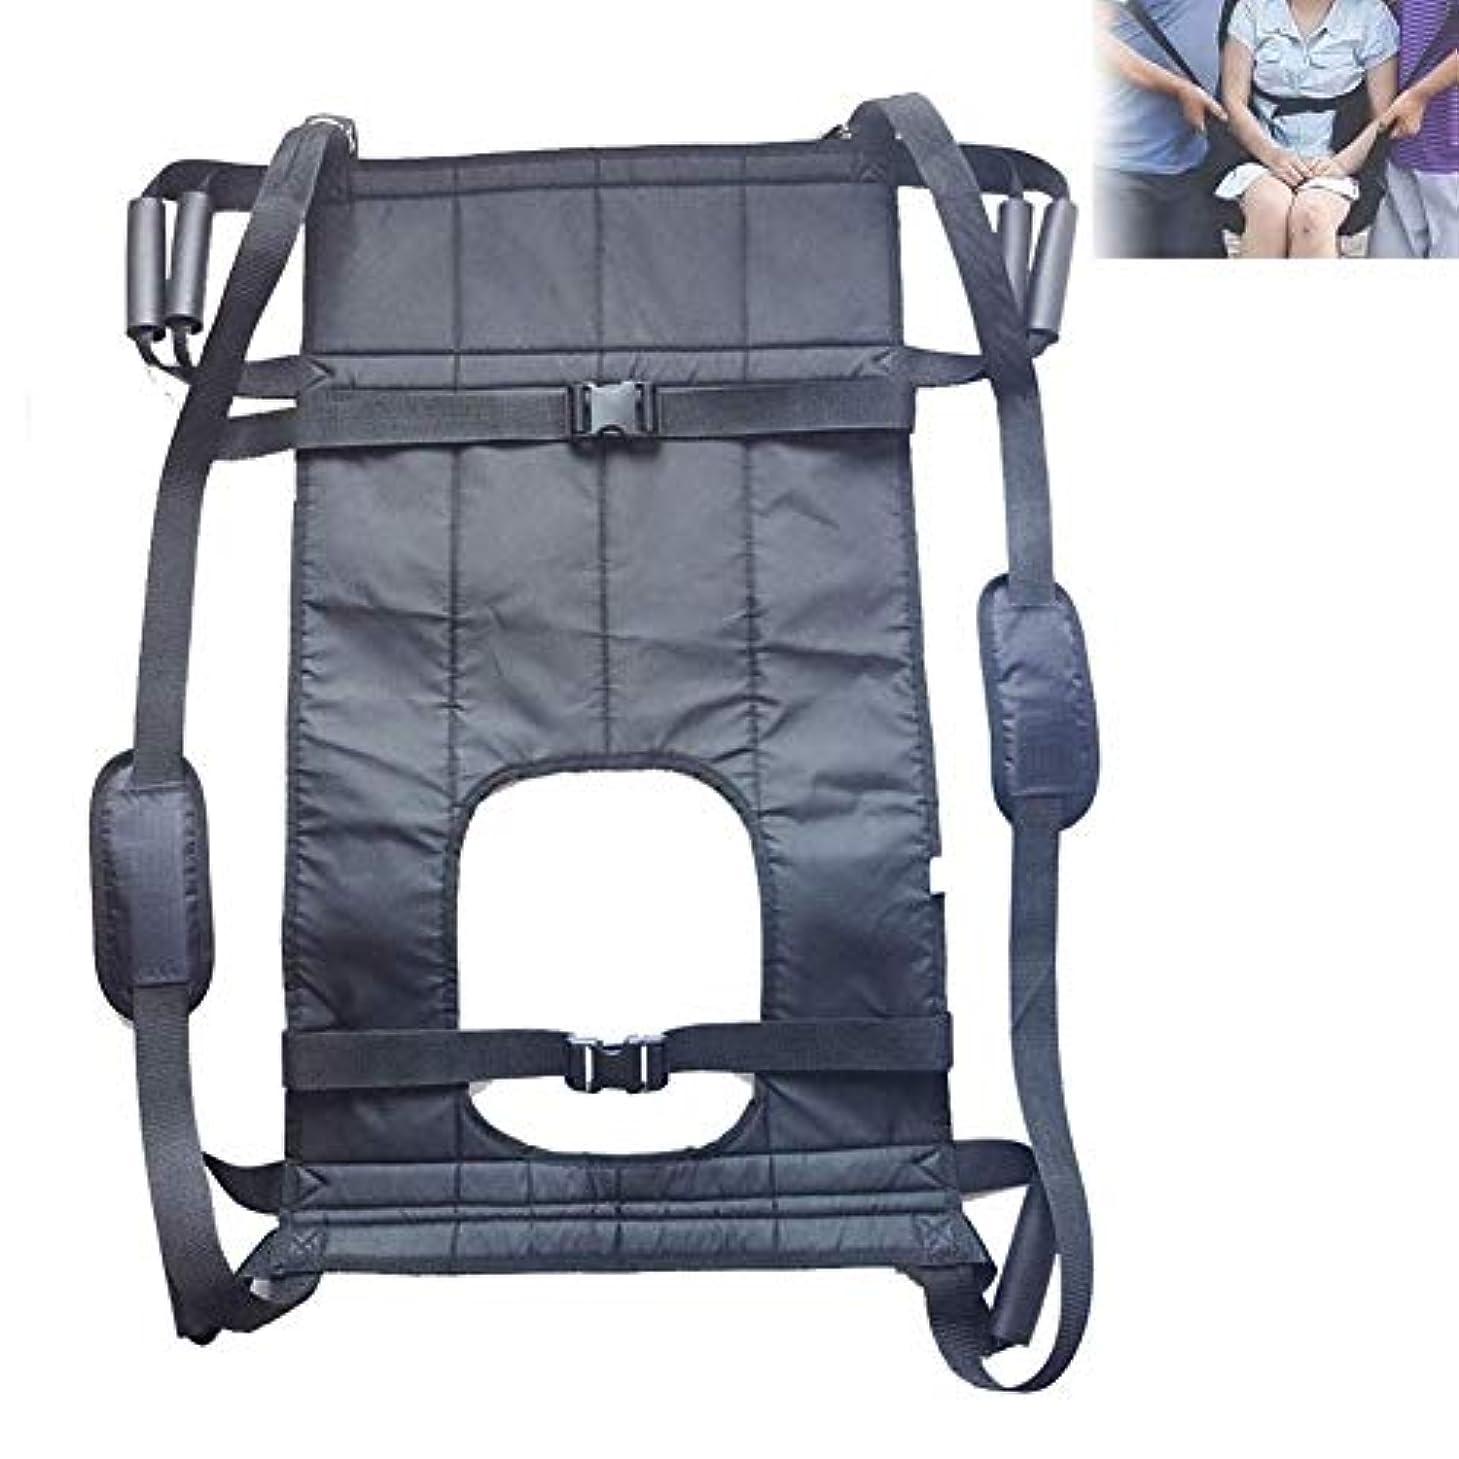 変動する非効率的なフラフープ患者用補助具パッド付き車椅子用シートベルトハンドル付きベルト、寝たきり老人介護、便器患者用のトランスファーシートパッド,Canlieflat